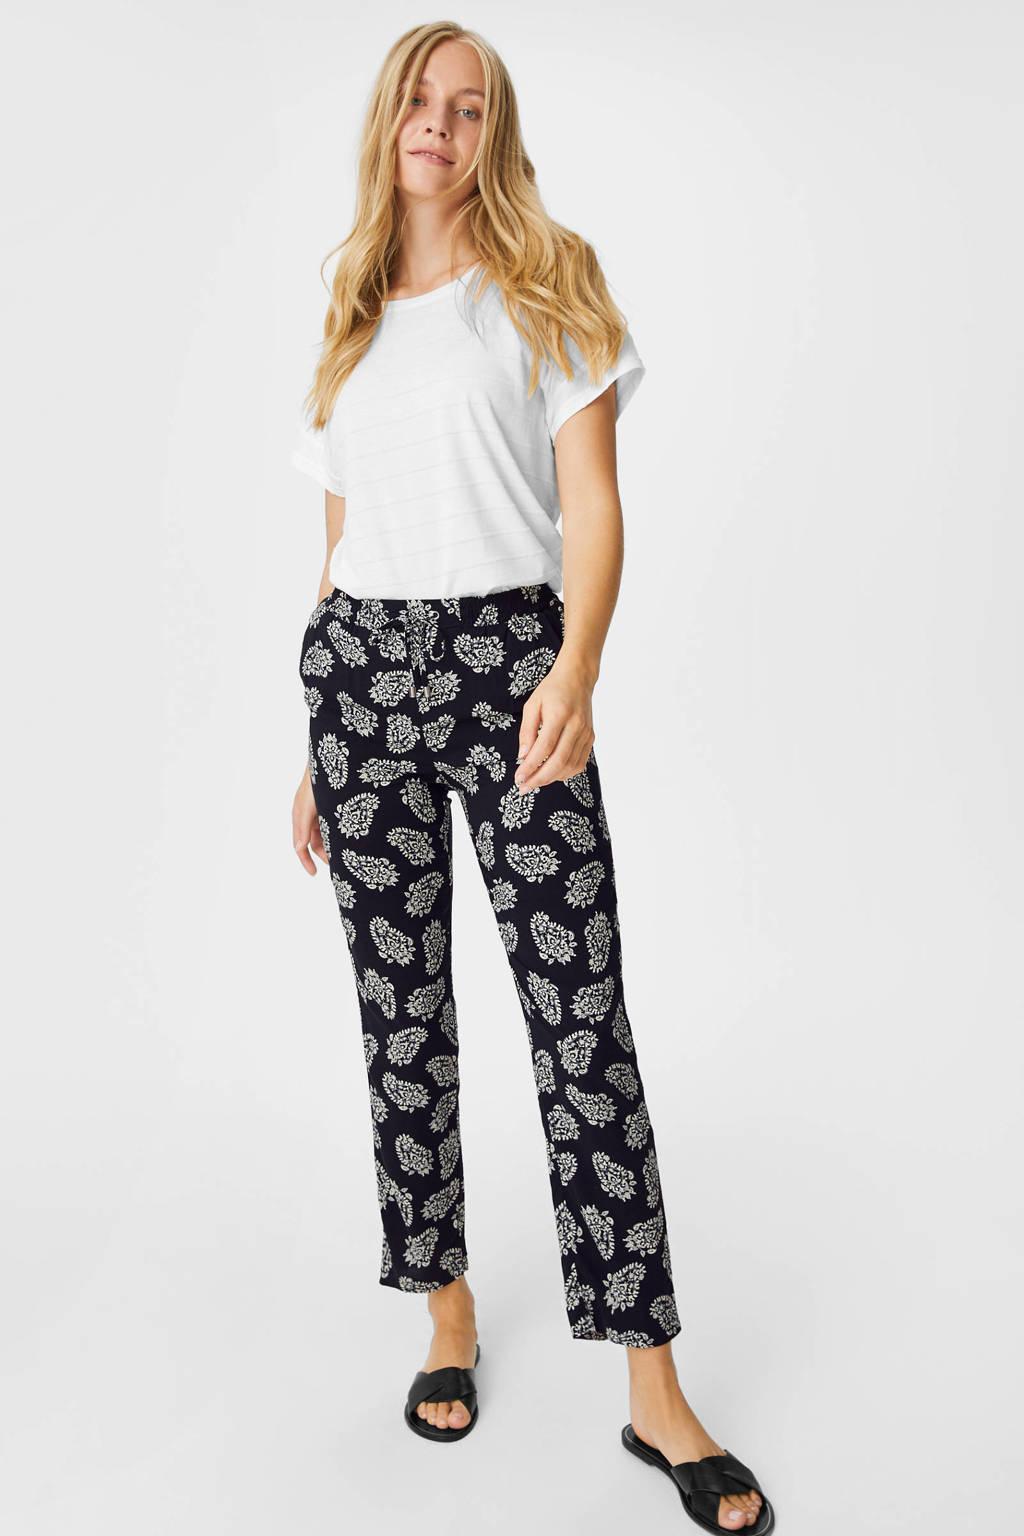 C&A Yessica straight fit broek met all over print zwart/wit, Zwart/wit